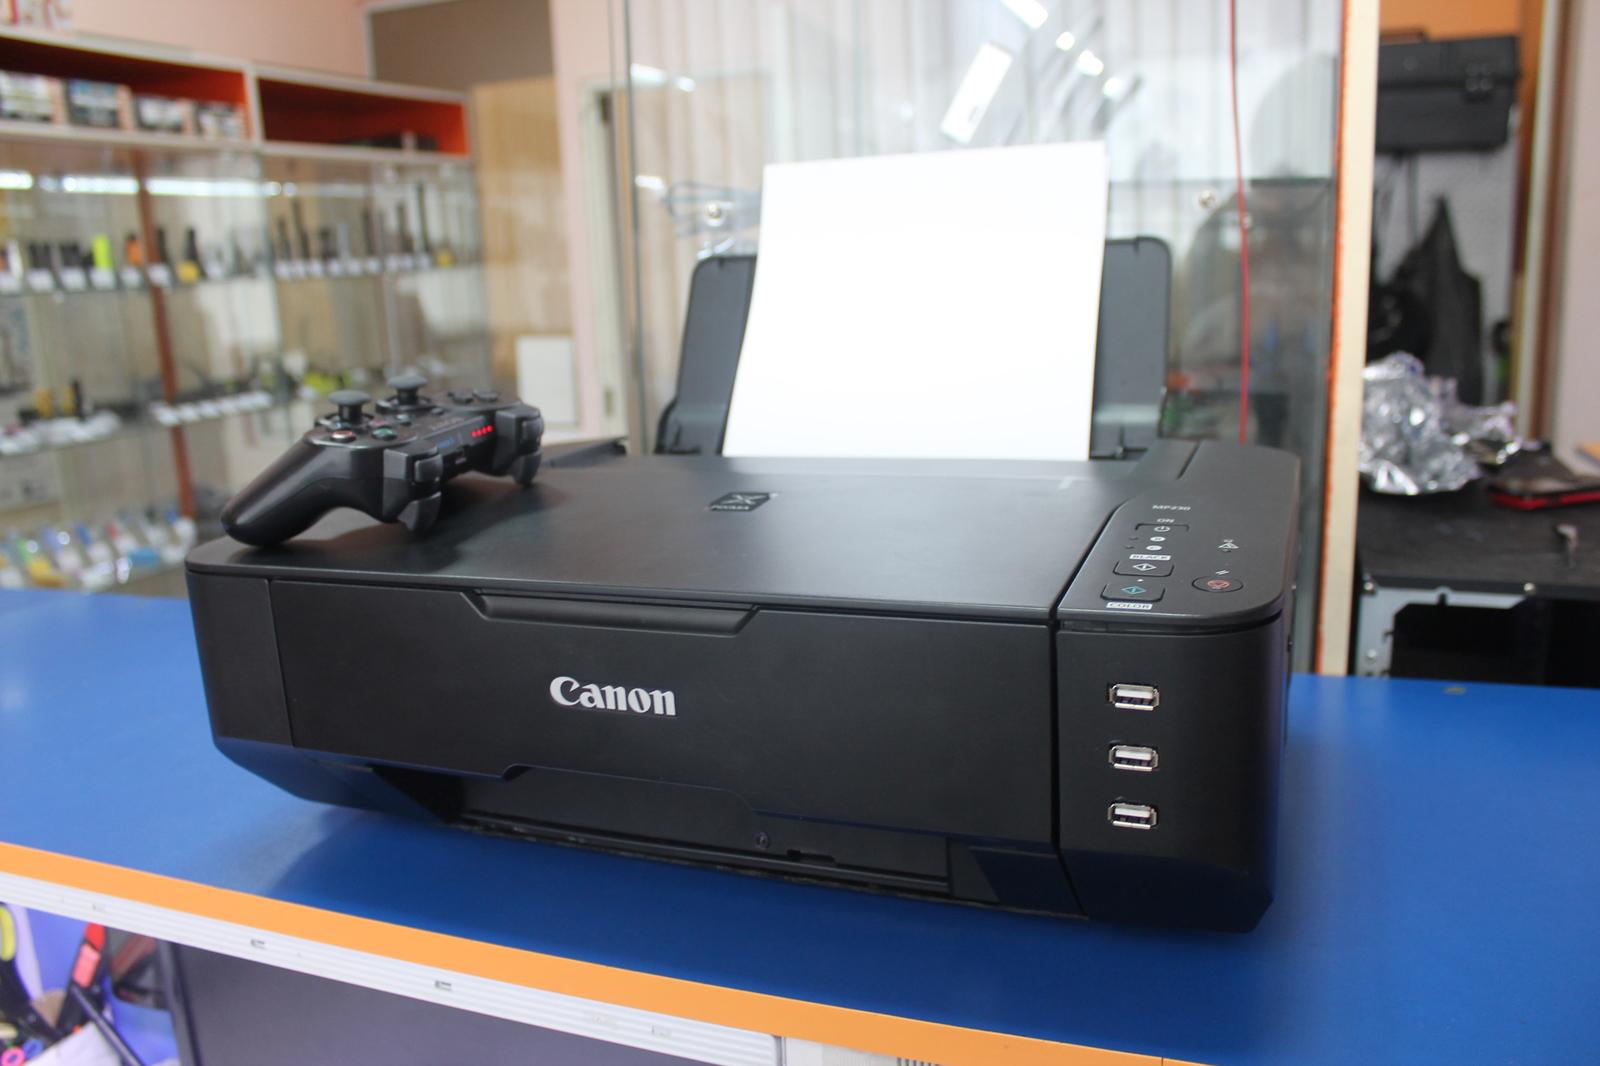 Playstation 3 в корпусе принтера